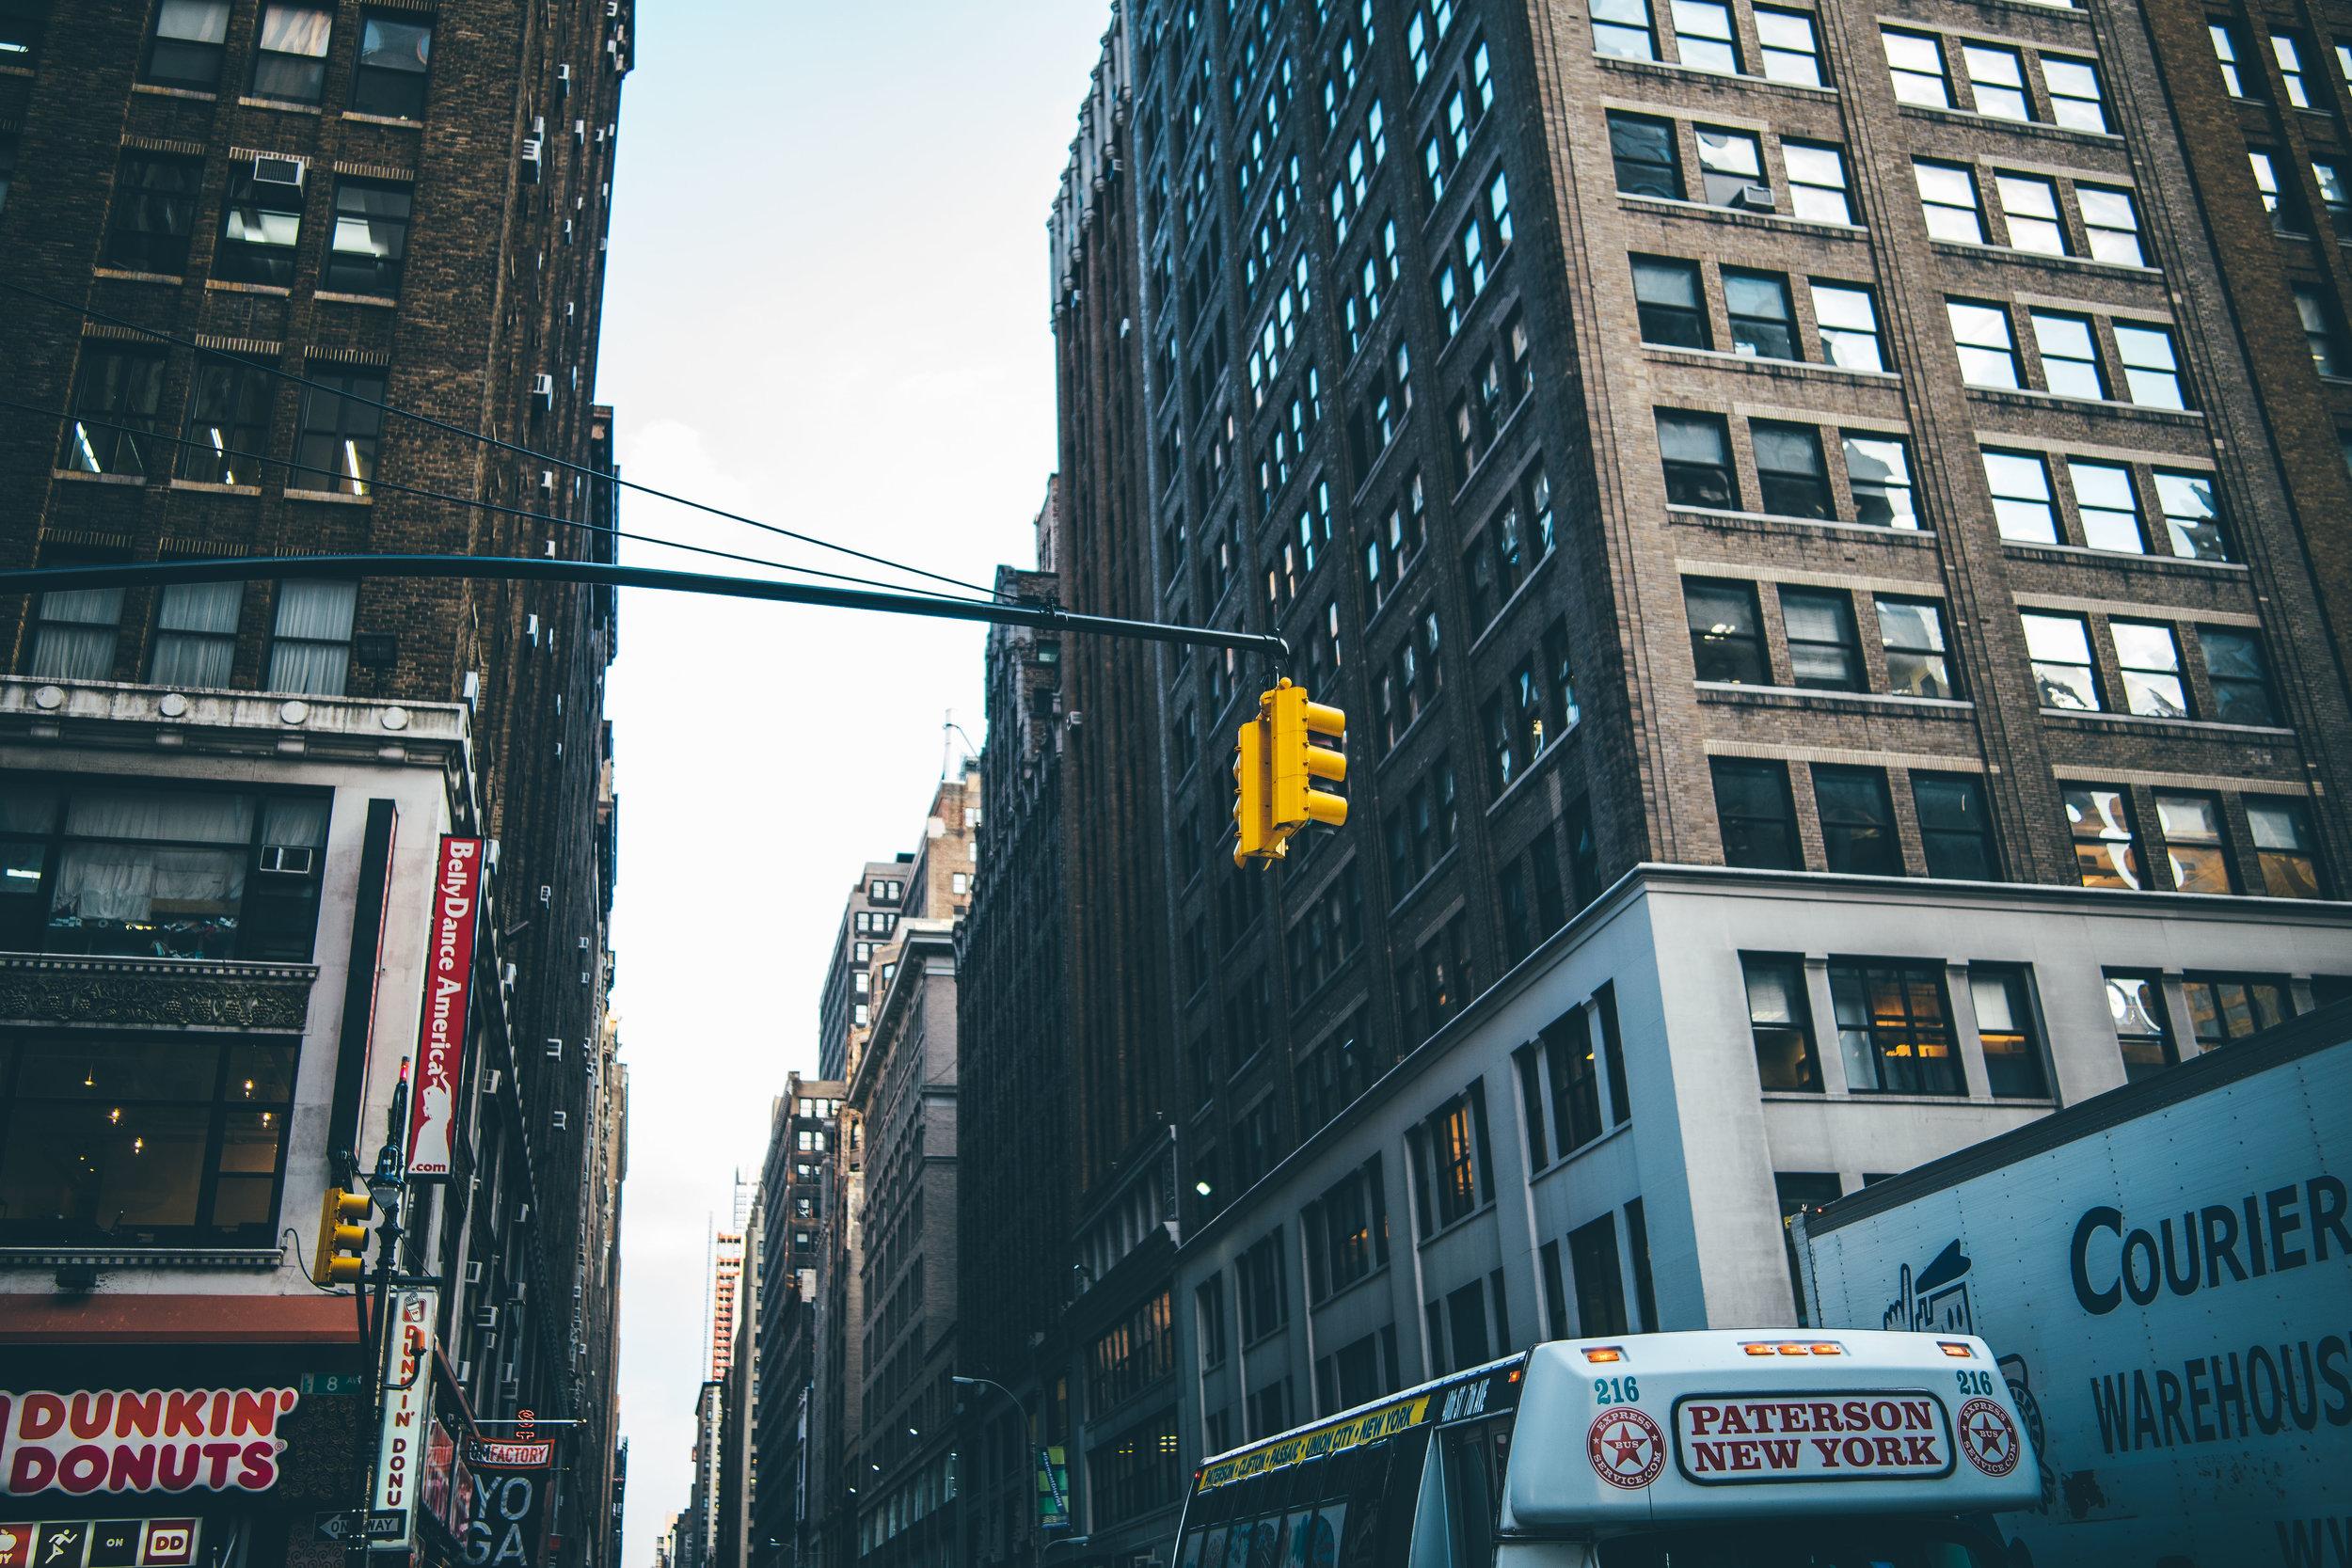 newyork-05167.jpg